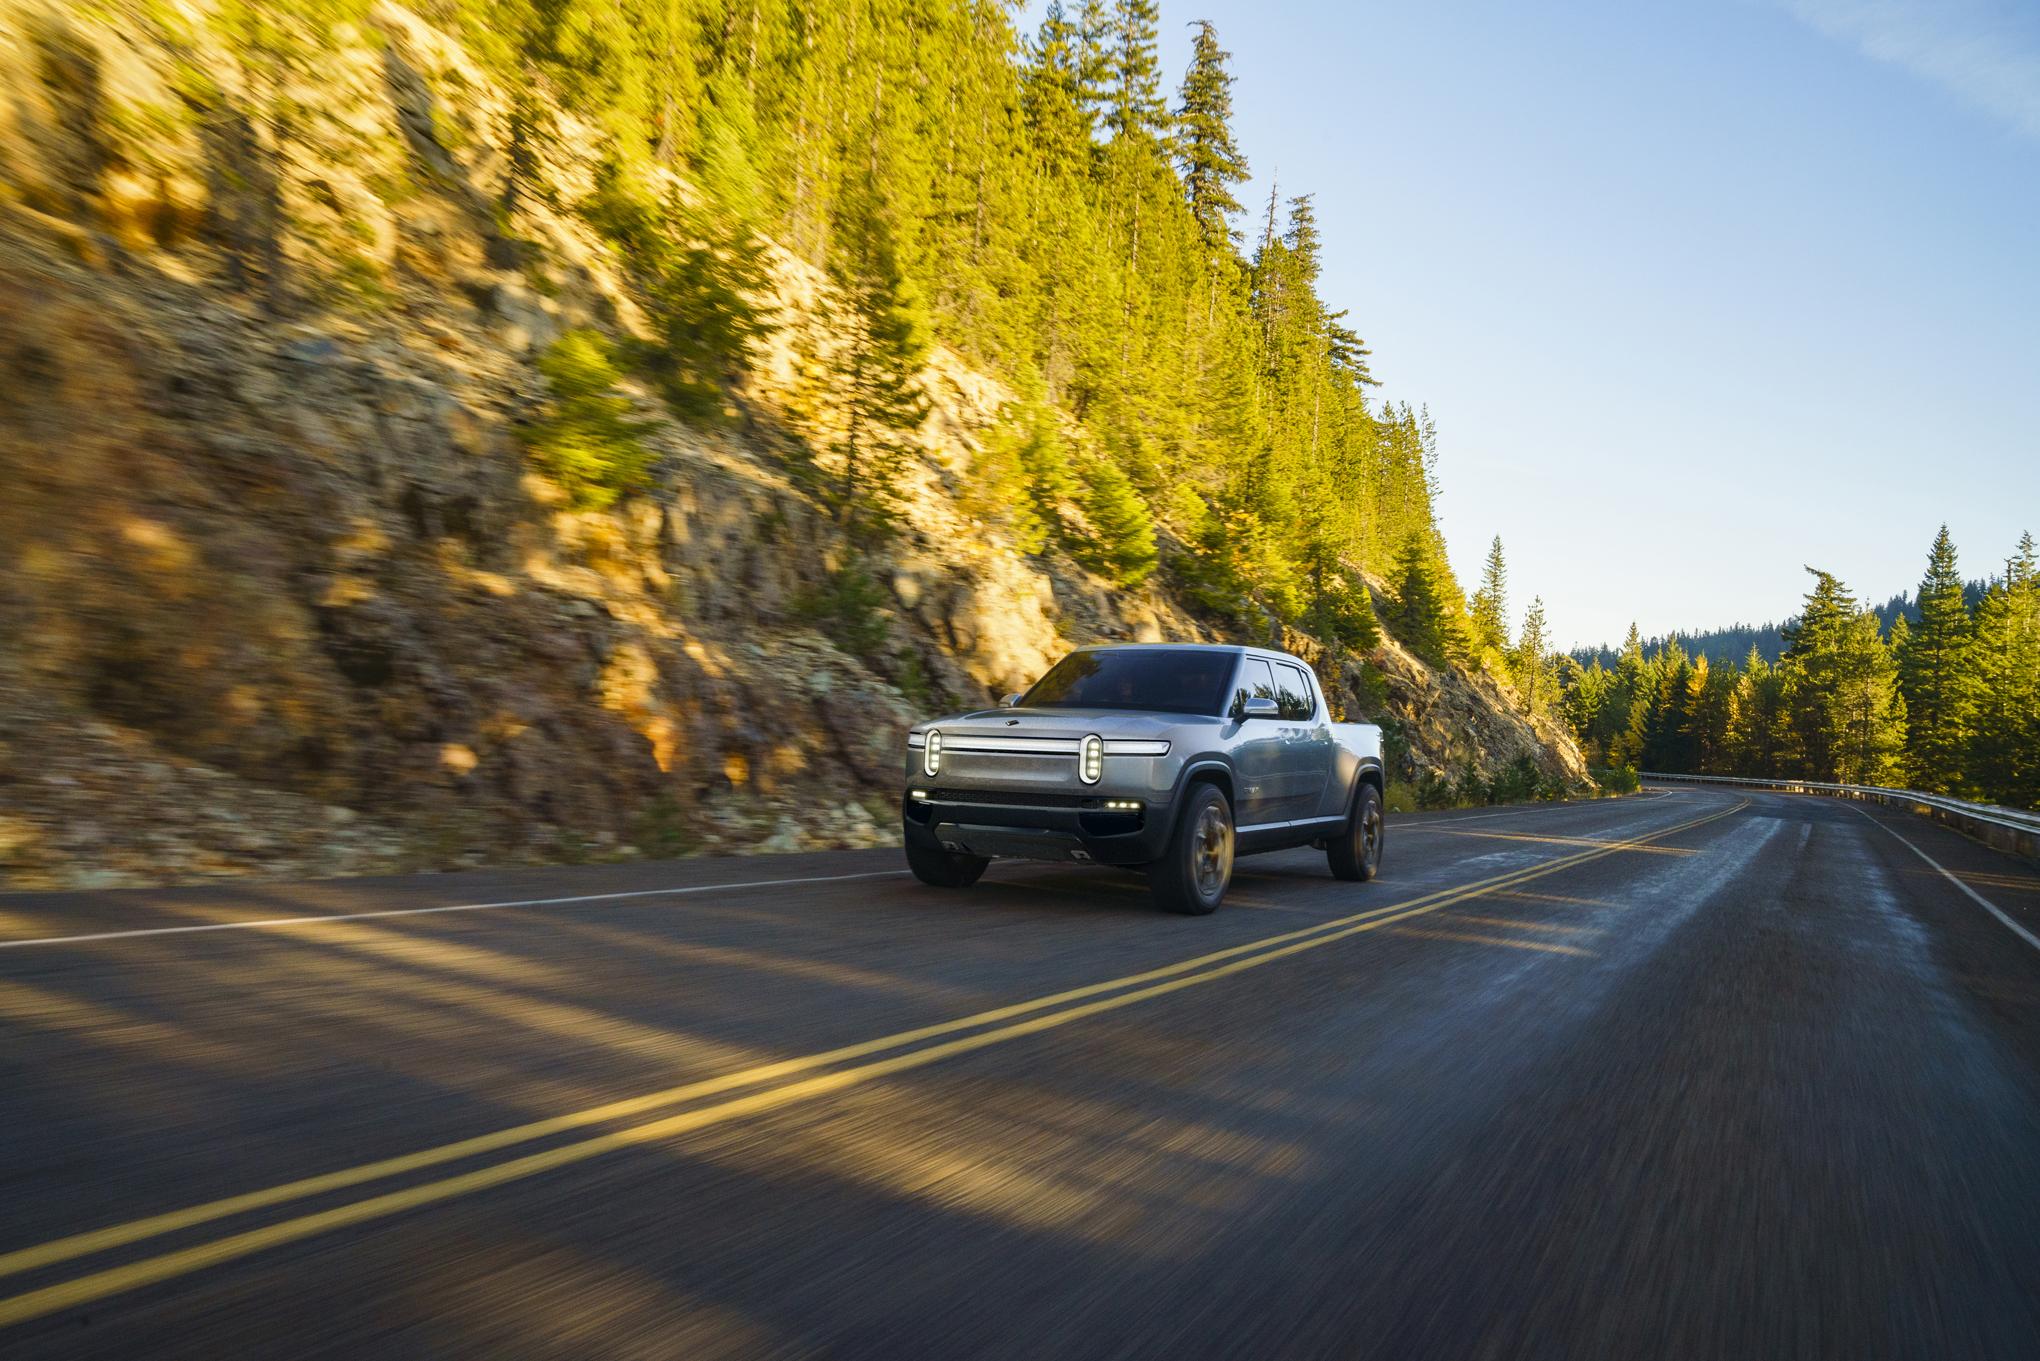 Rivian R1T è un pick-up elettrico da oltre 640 KM di autonomia 2